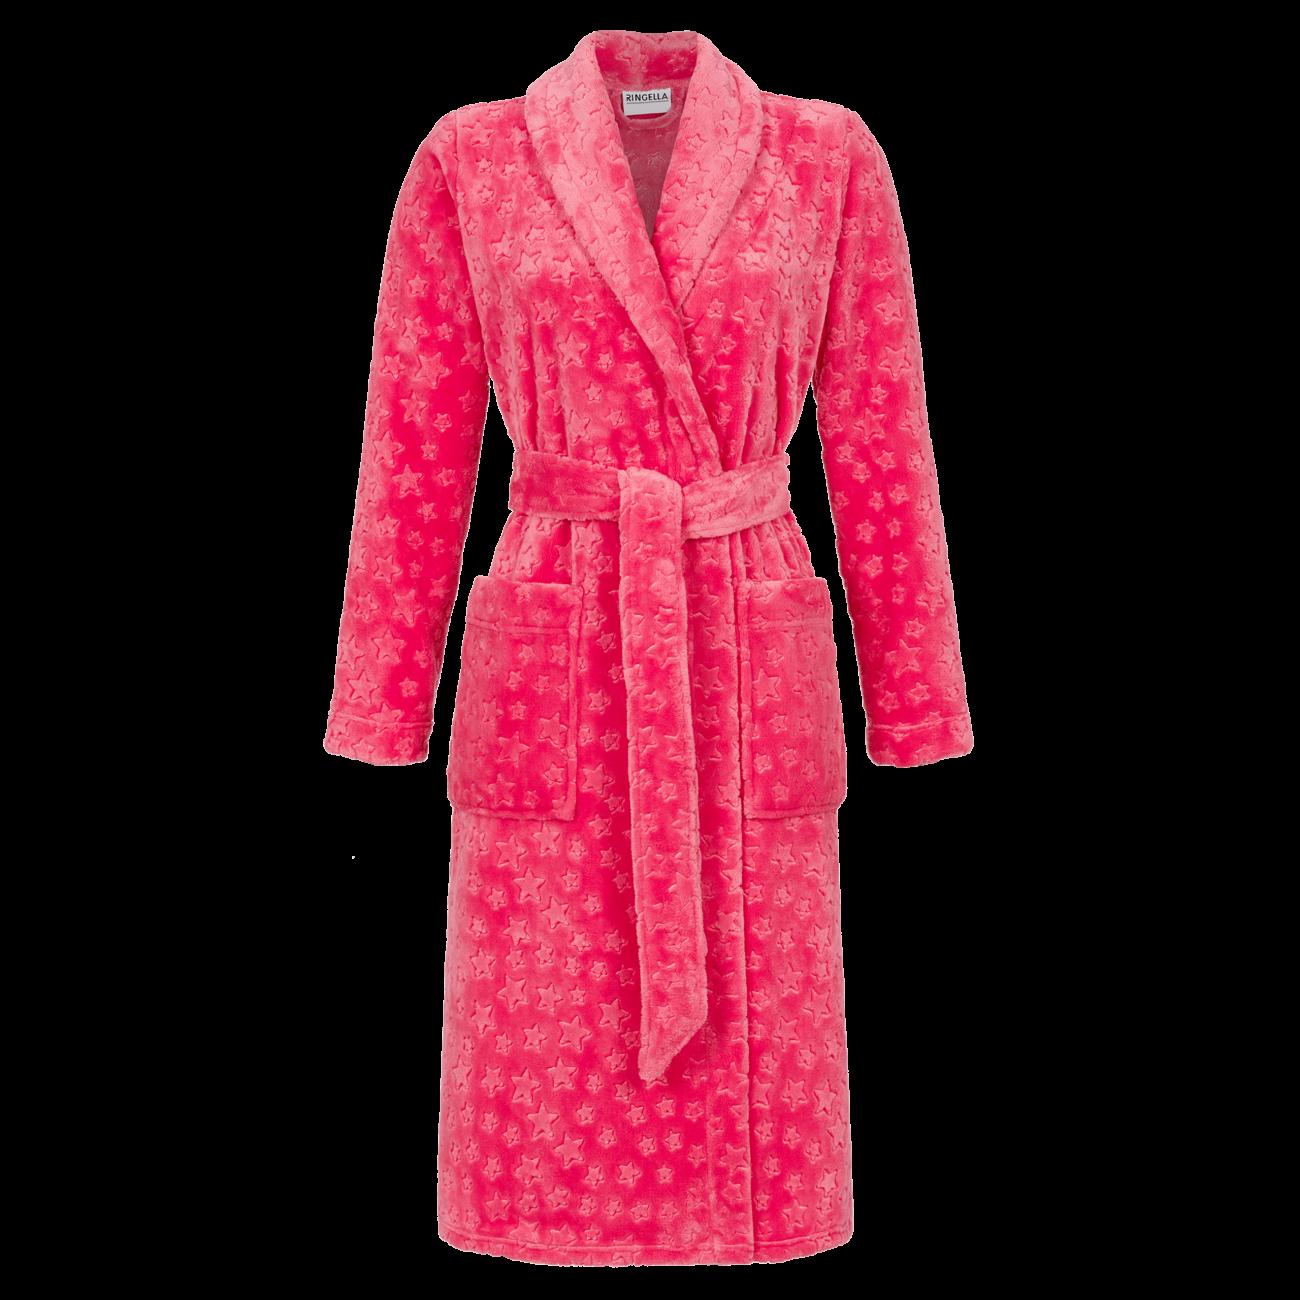 Mantel aus weichem Flausch rot   44